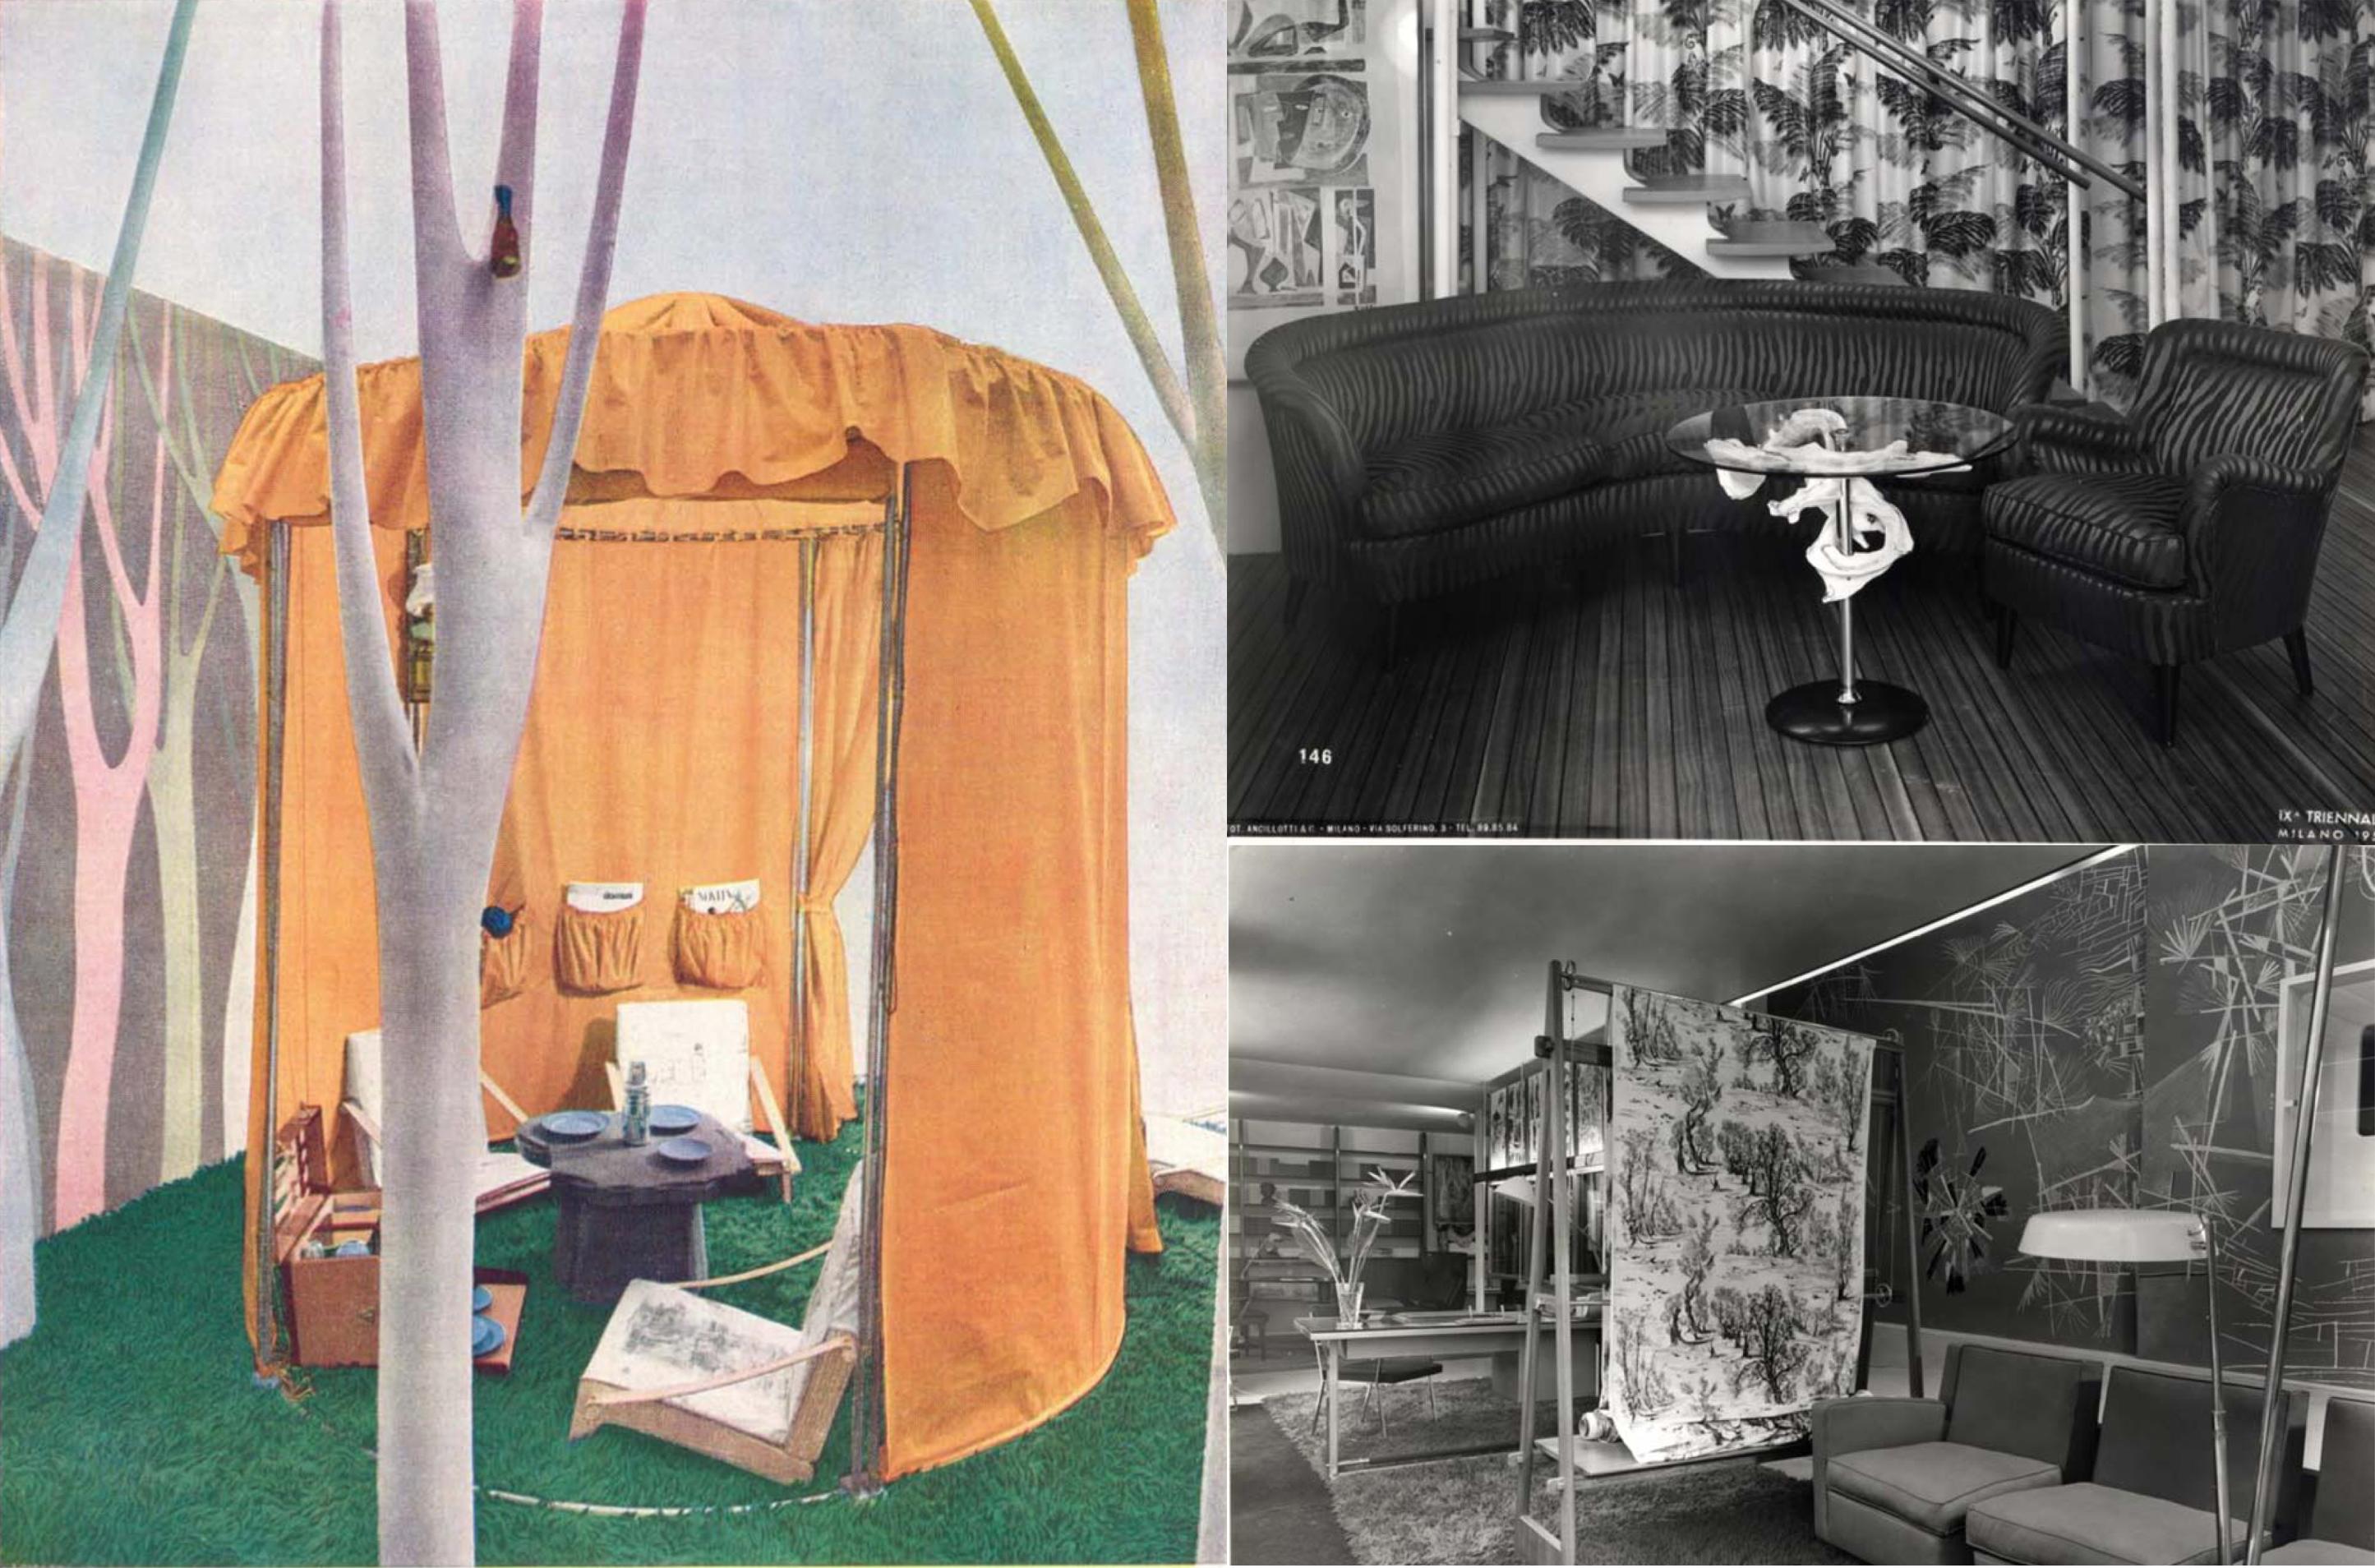 """Allestimento """"La Garretta"""", di Fede Cheti, progetto di Marco Zanuso (Domus n. 259, giugno 1951); Allestimento del Soggiorno dell'architetto Borsani con tendaggio in tessuto Cheti. IX Triennale di Milano."""